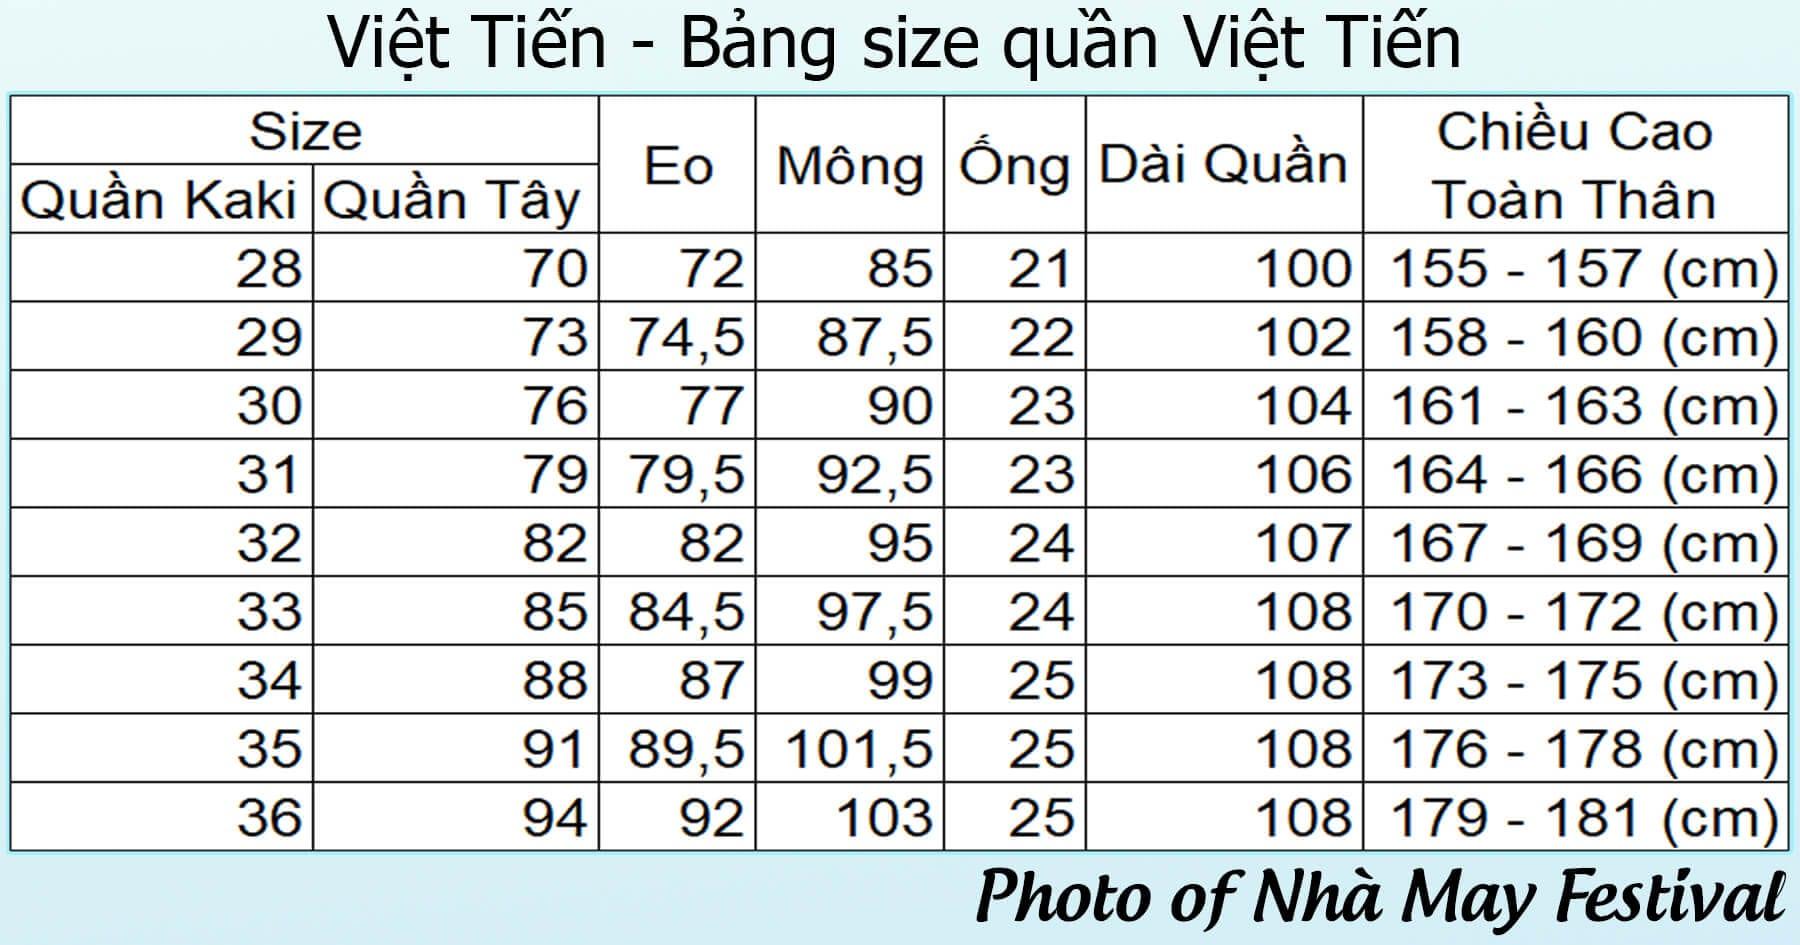 [Tham khảo] Bảng size quần Việt Tiến chuẩn nhất